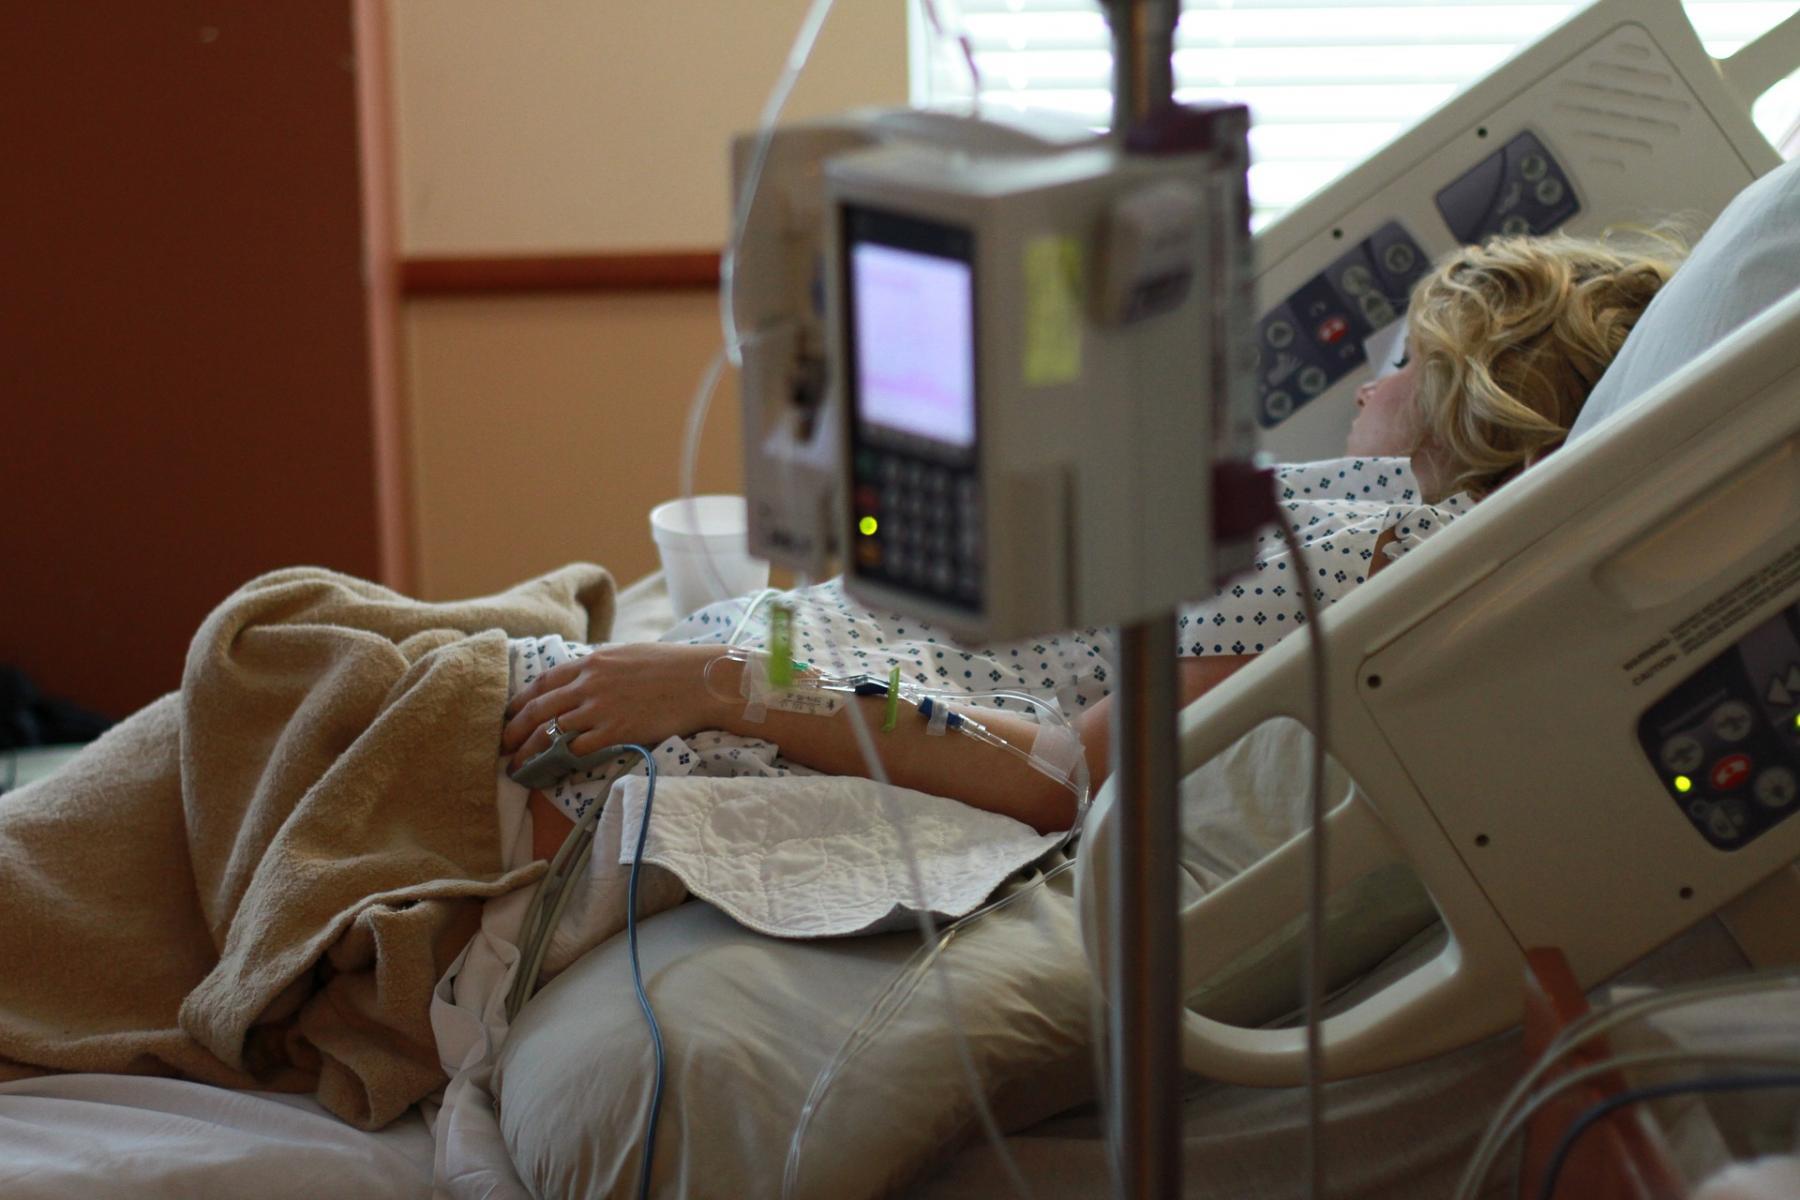 фото Третья беременная женщина умерла от коронавируса в России 2